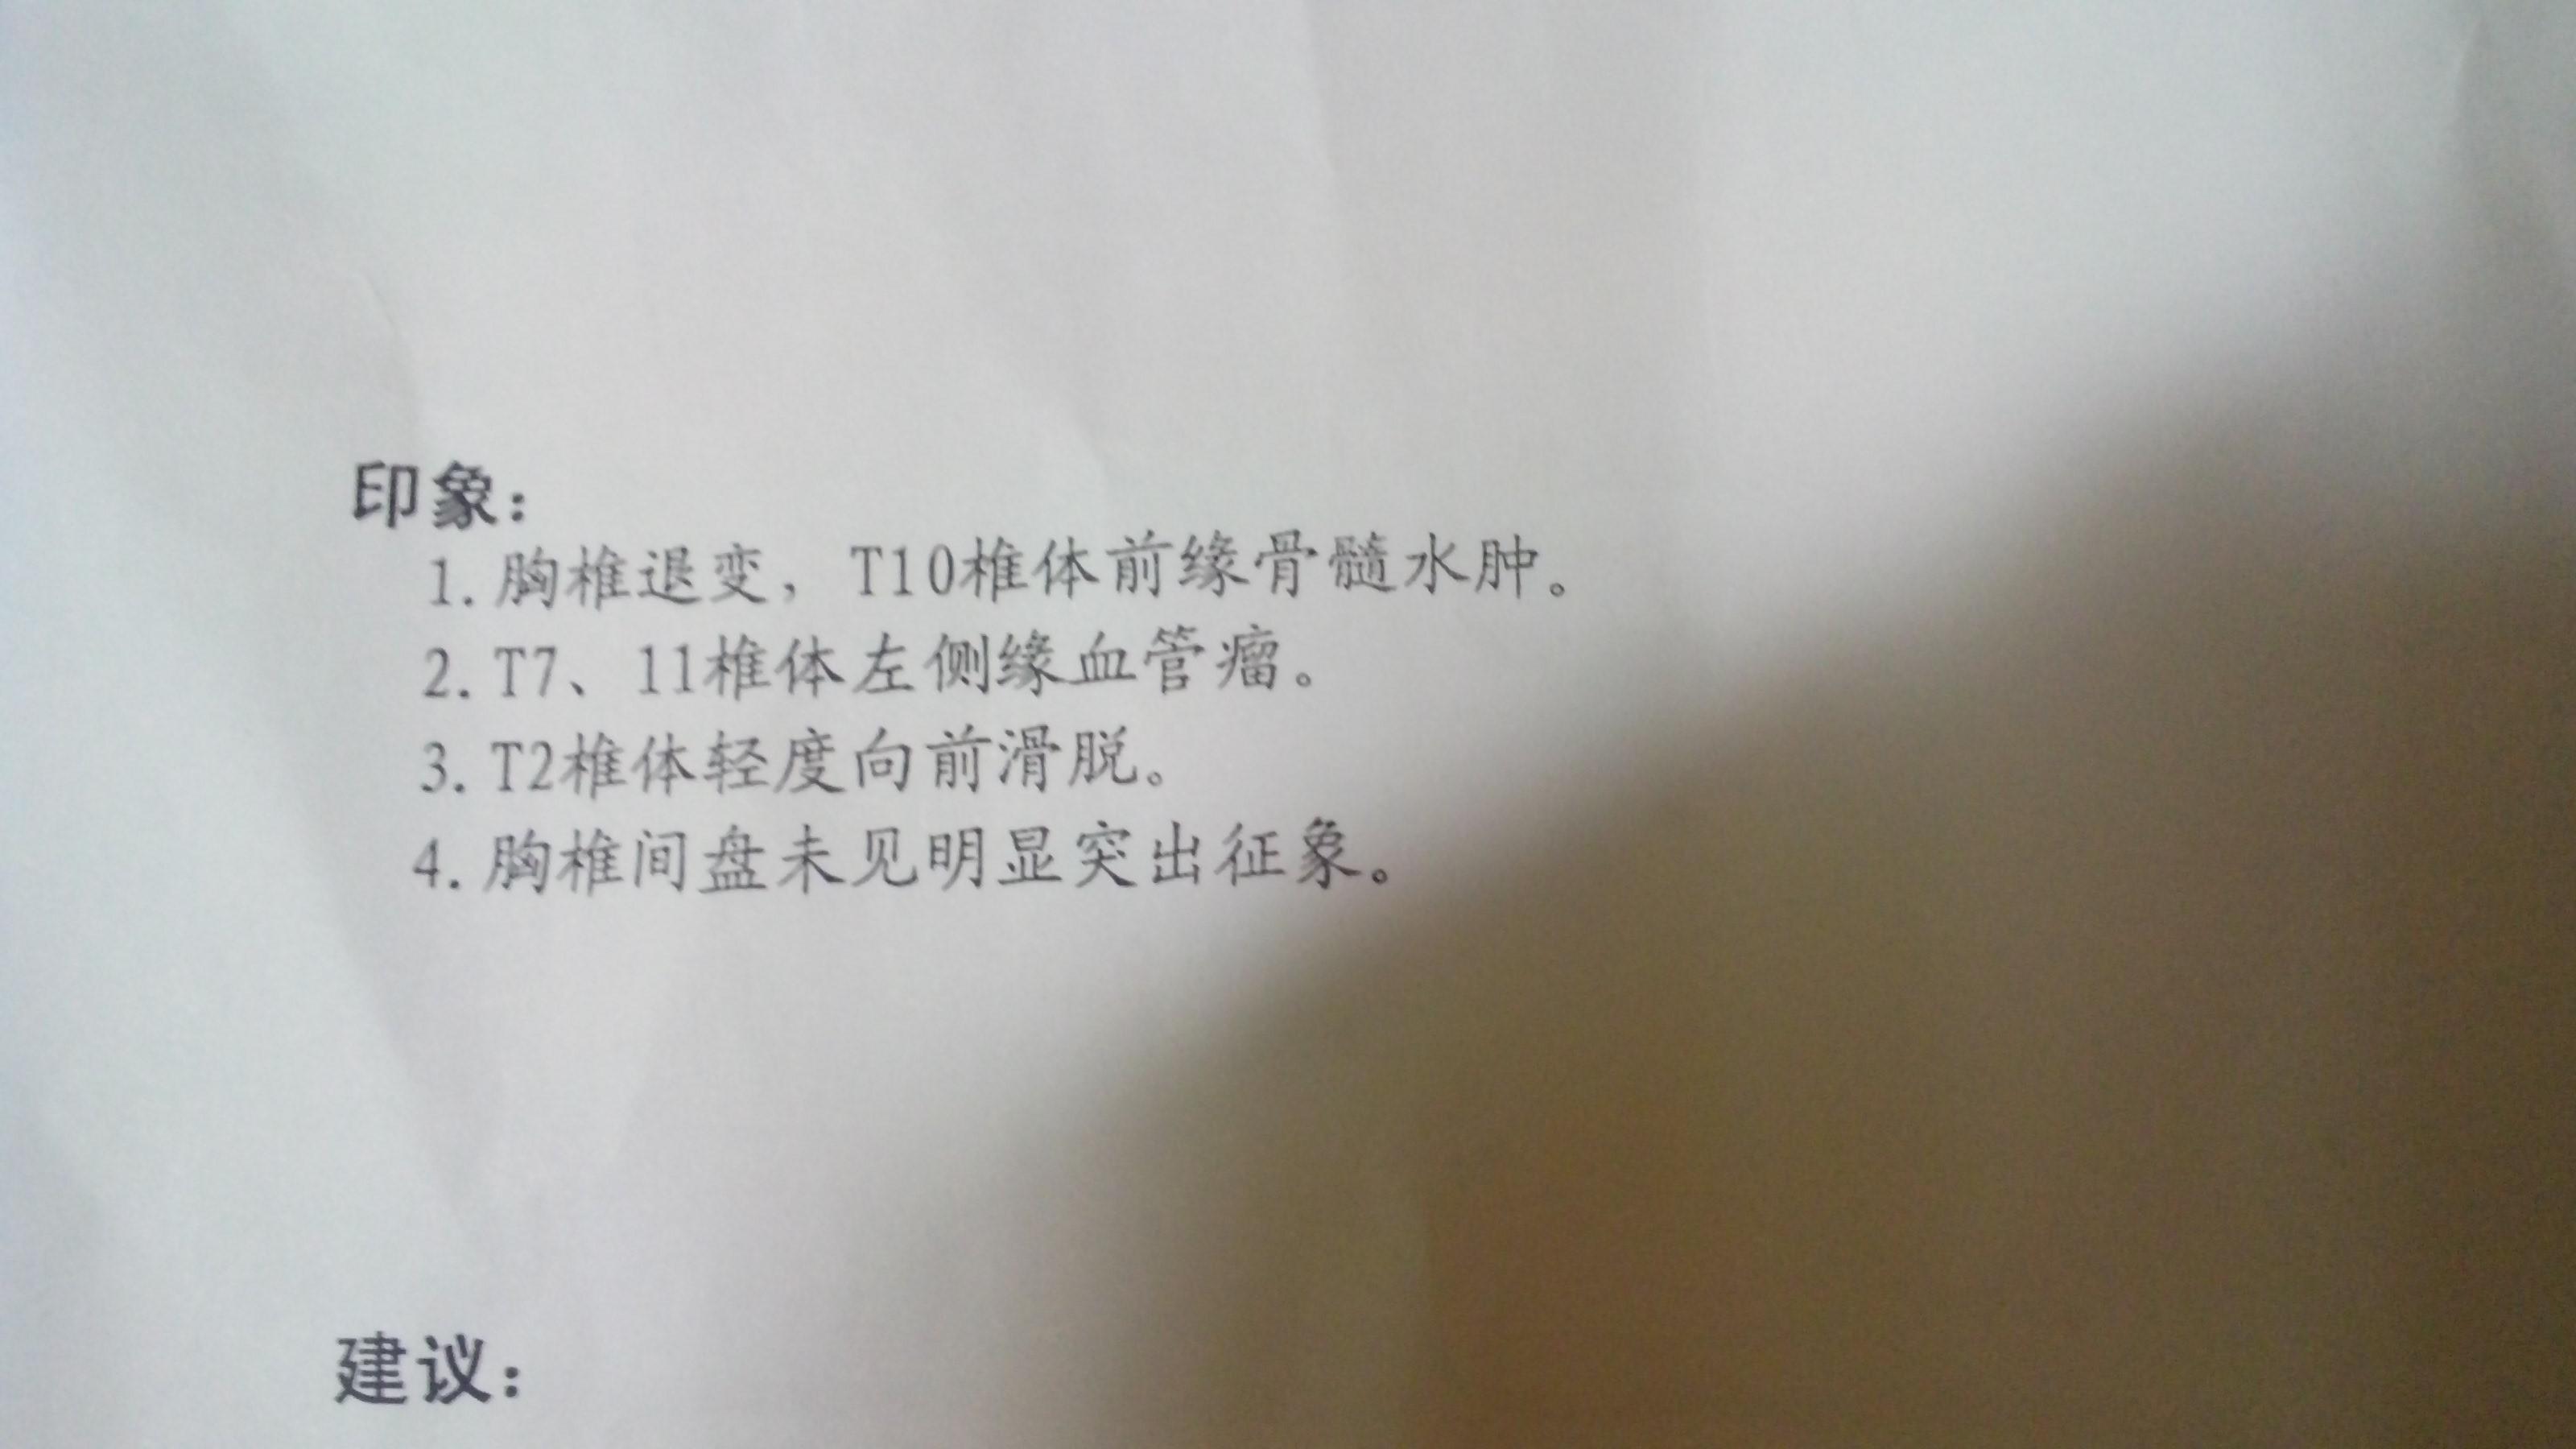 t10椎体骨髓水肿t11椎体血管瘤.需要手术吗?患者62岁